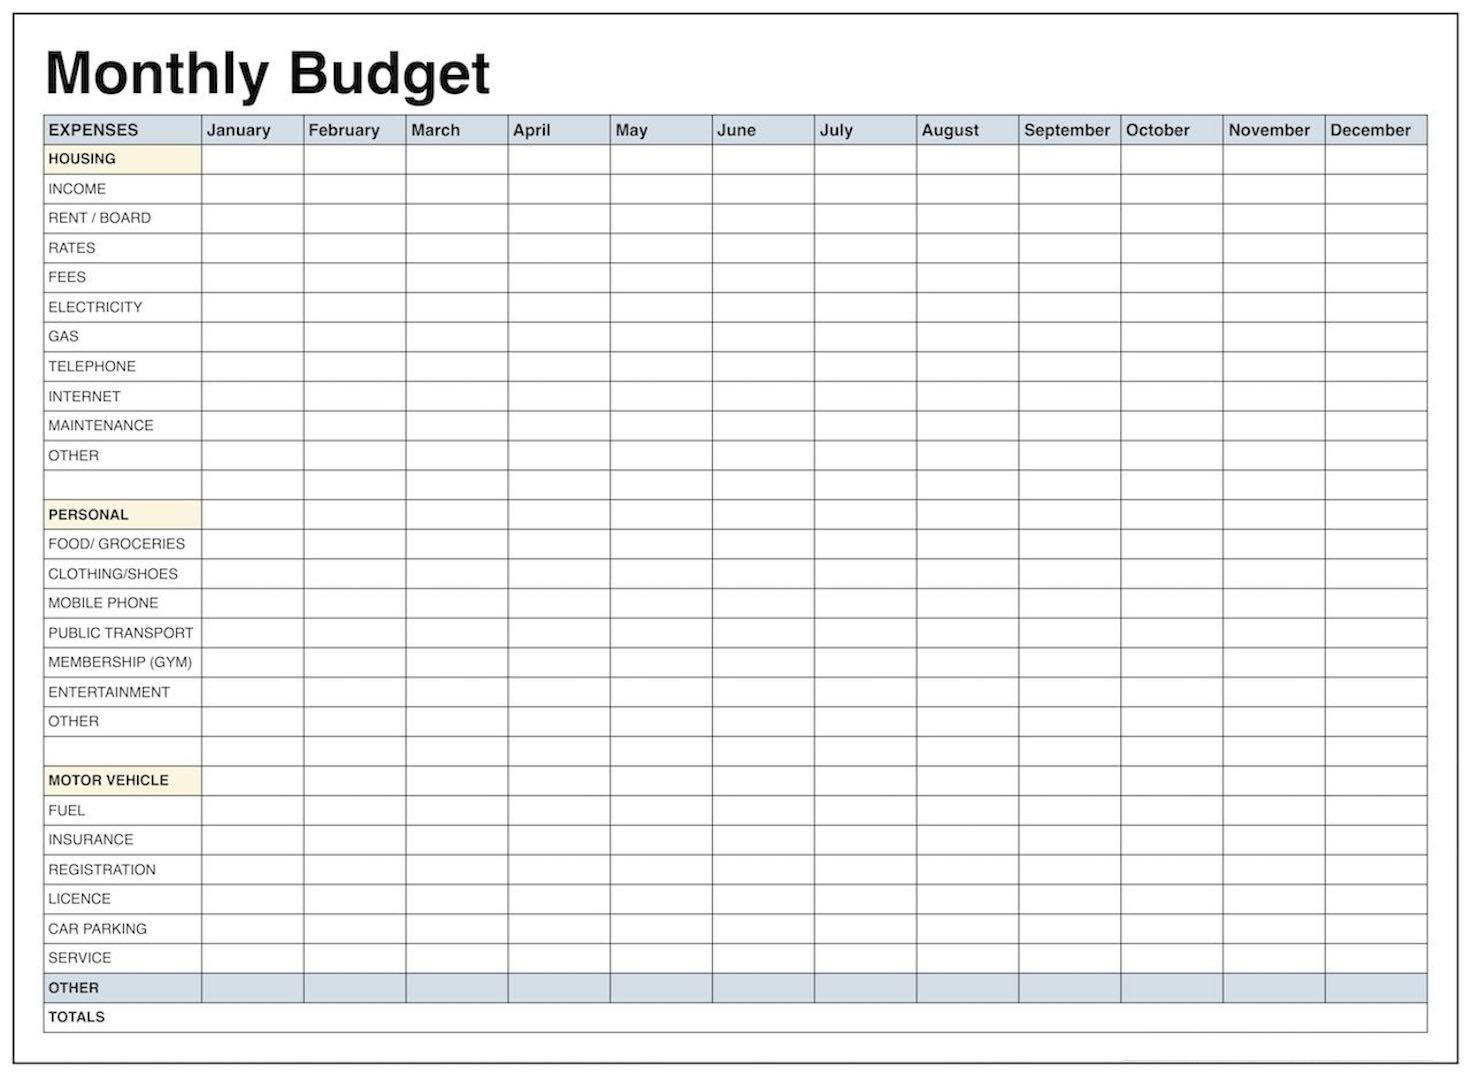 Printable Monthly Budget Worksheet Excel - Koran.sticken.co | Monthly Budget Worksheet Printable